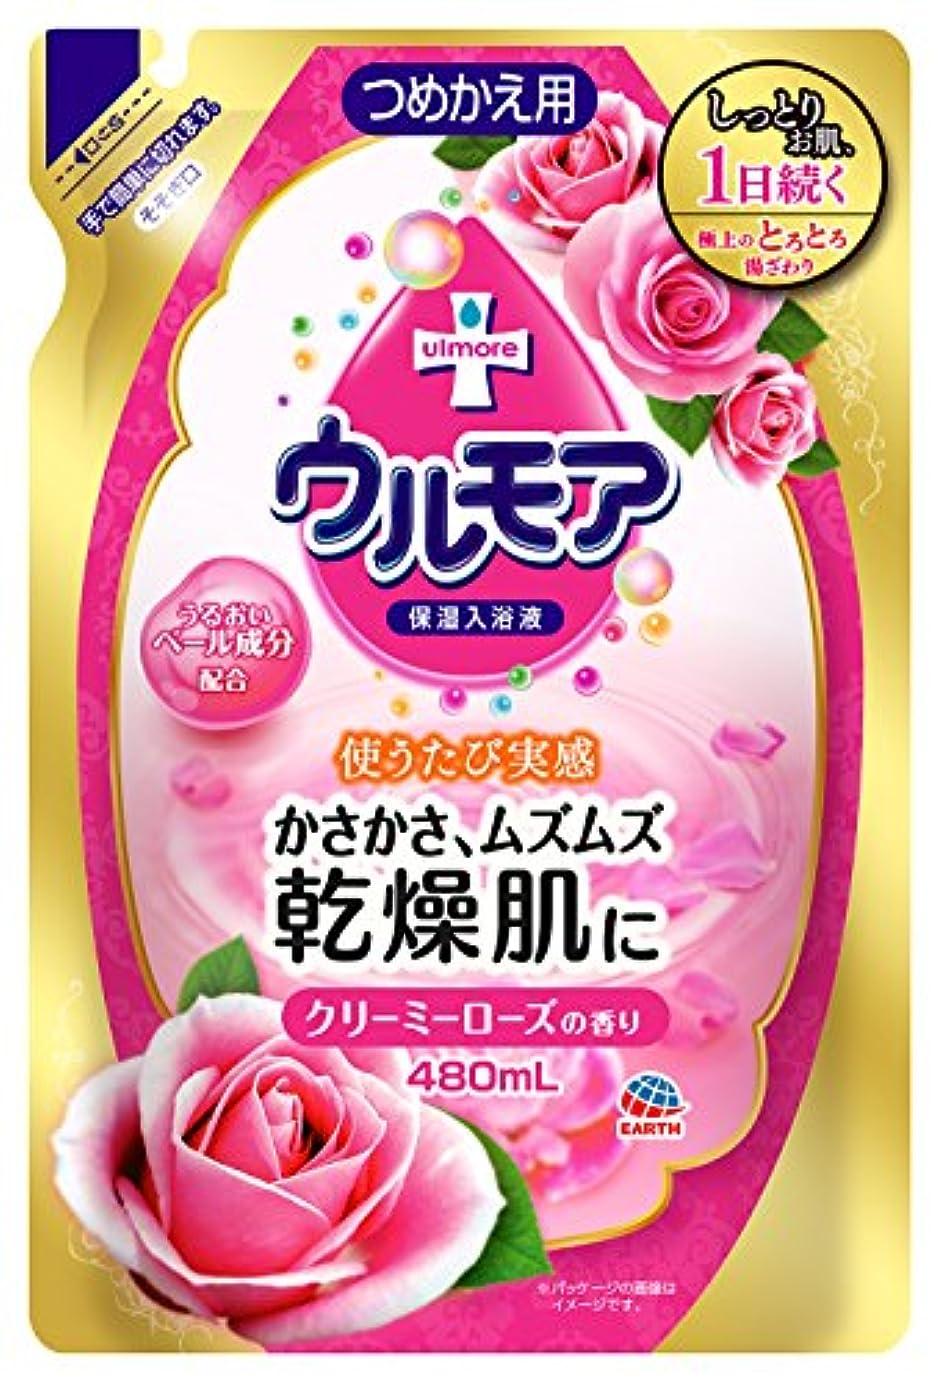 レキシコン魅惑的なあなたはアース製薬 保湿入浴液ウルモア クリーミーローズ つめかえ 480ml